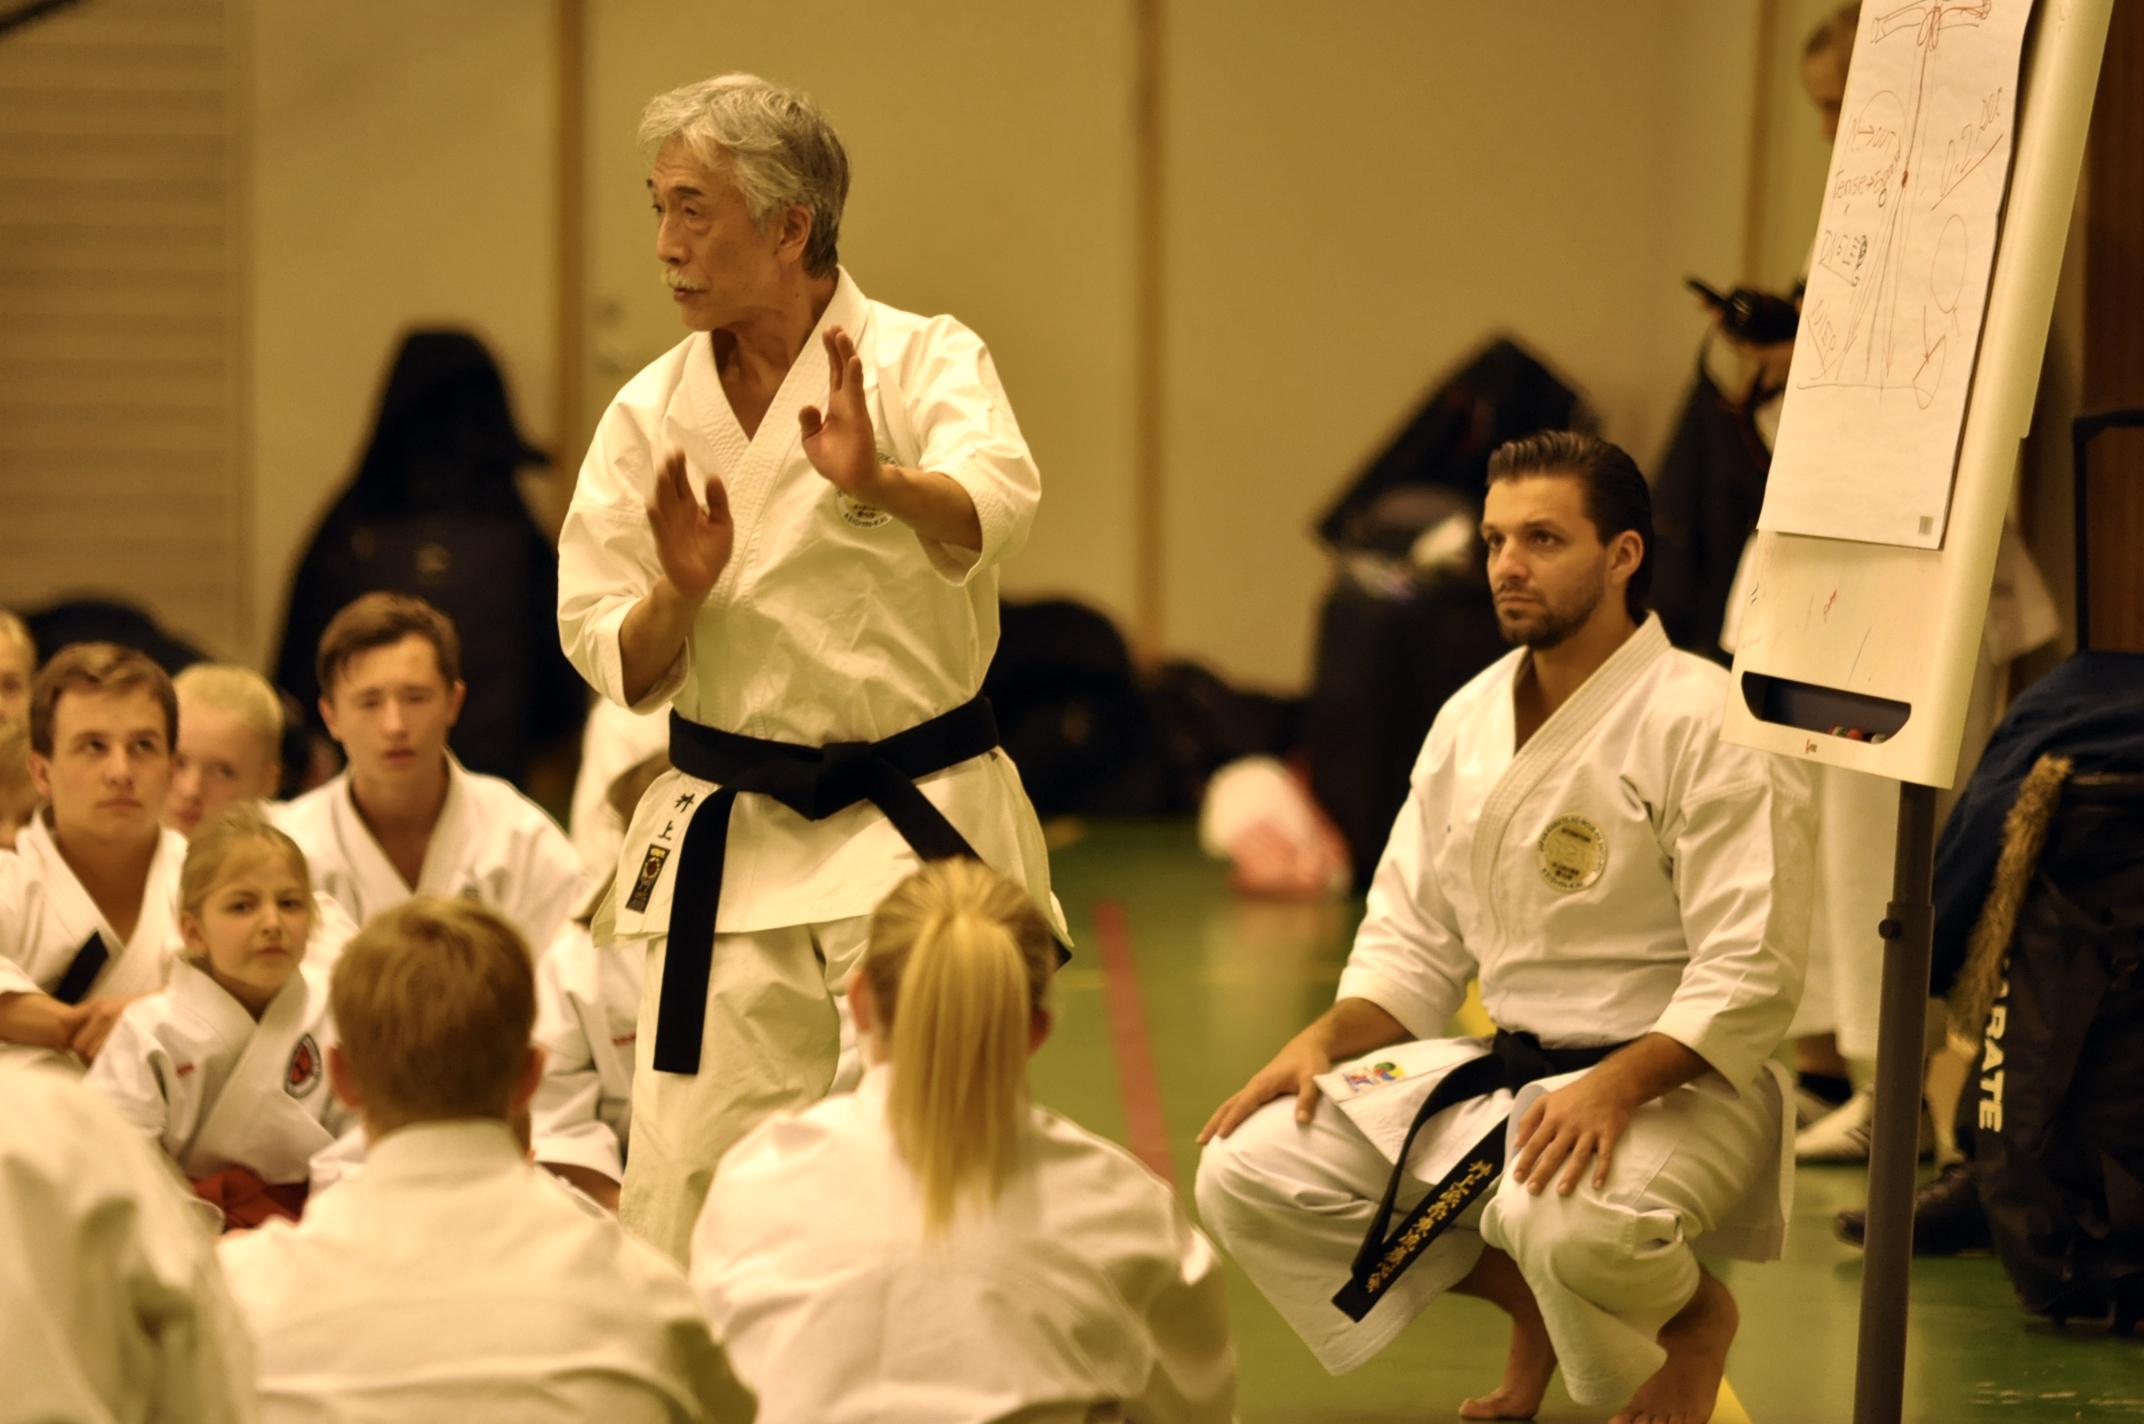 Inoue ha entrenado a 15 campeones mundiales en varios estilos de karate (Foto: Solstadenskarate.se).